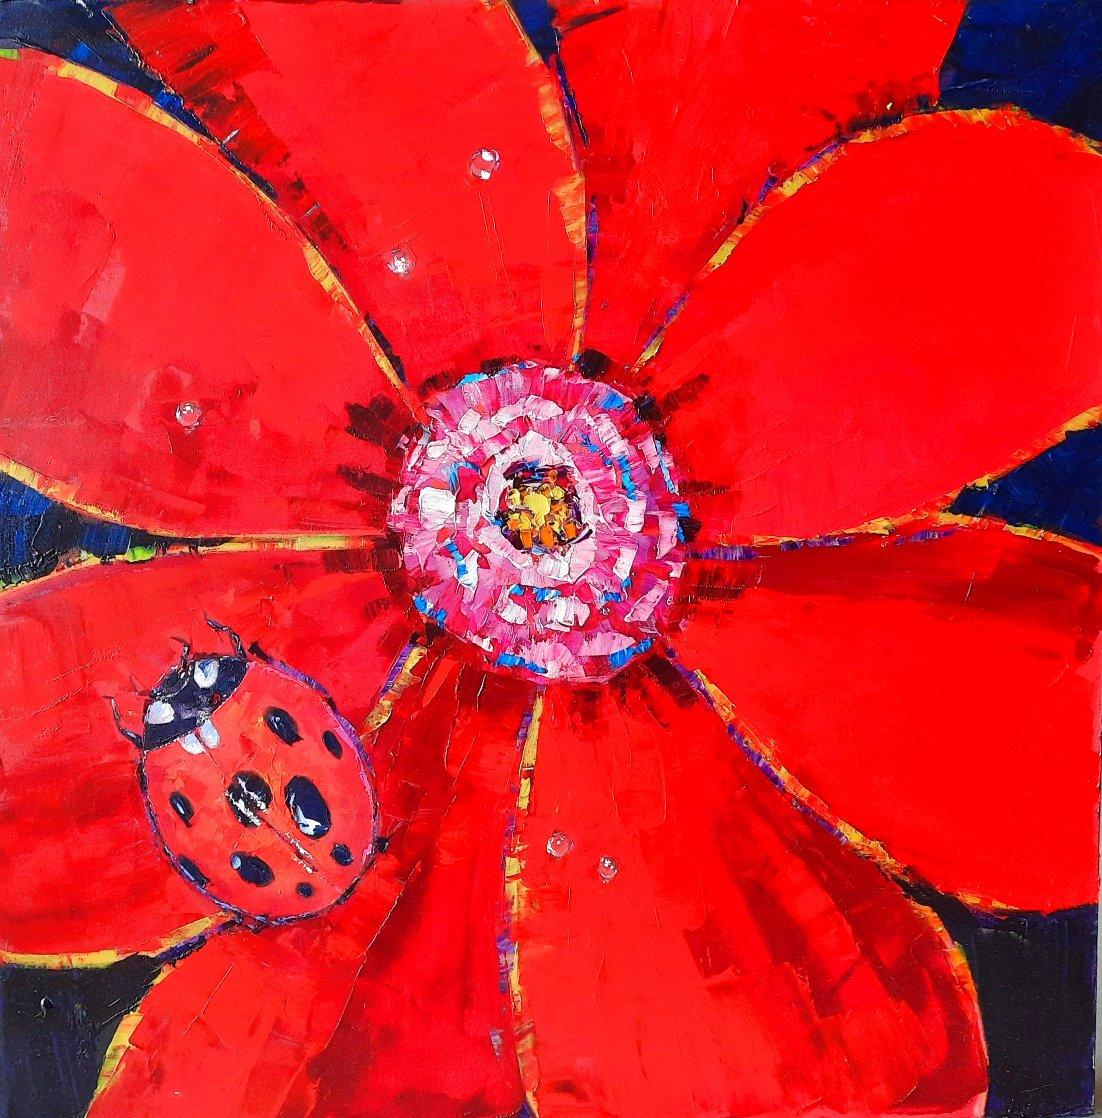 Ladybug Original 2005 24x24 Original Painting by Roman Czerwinski